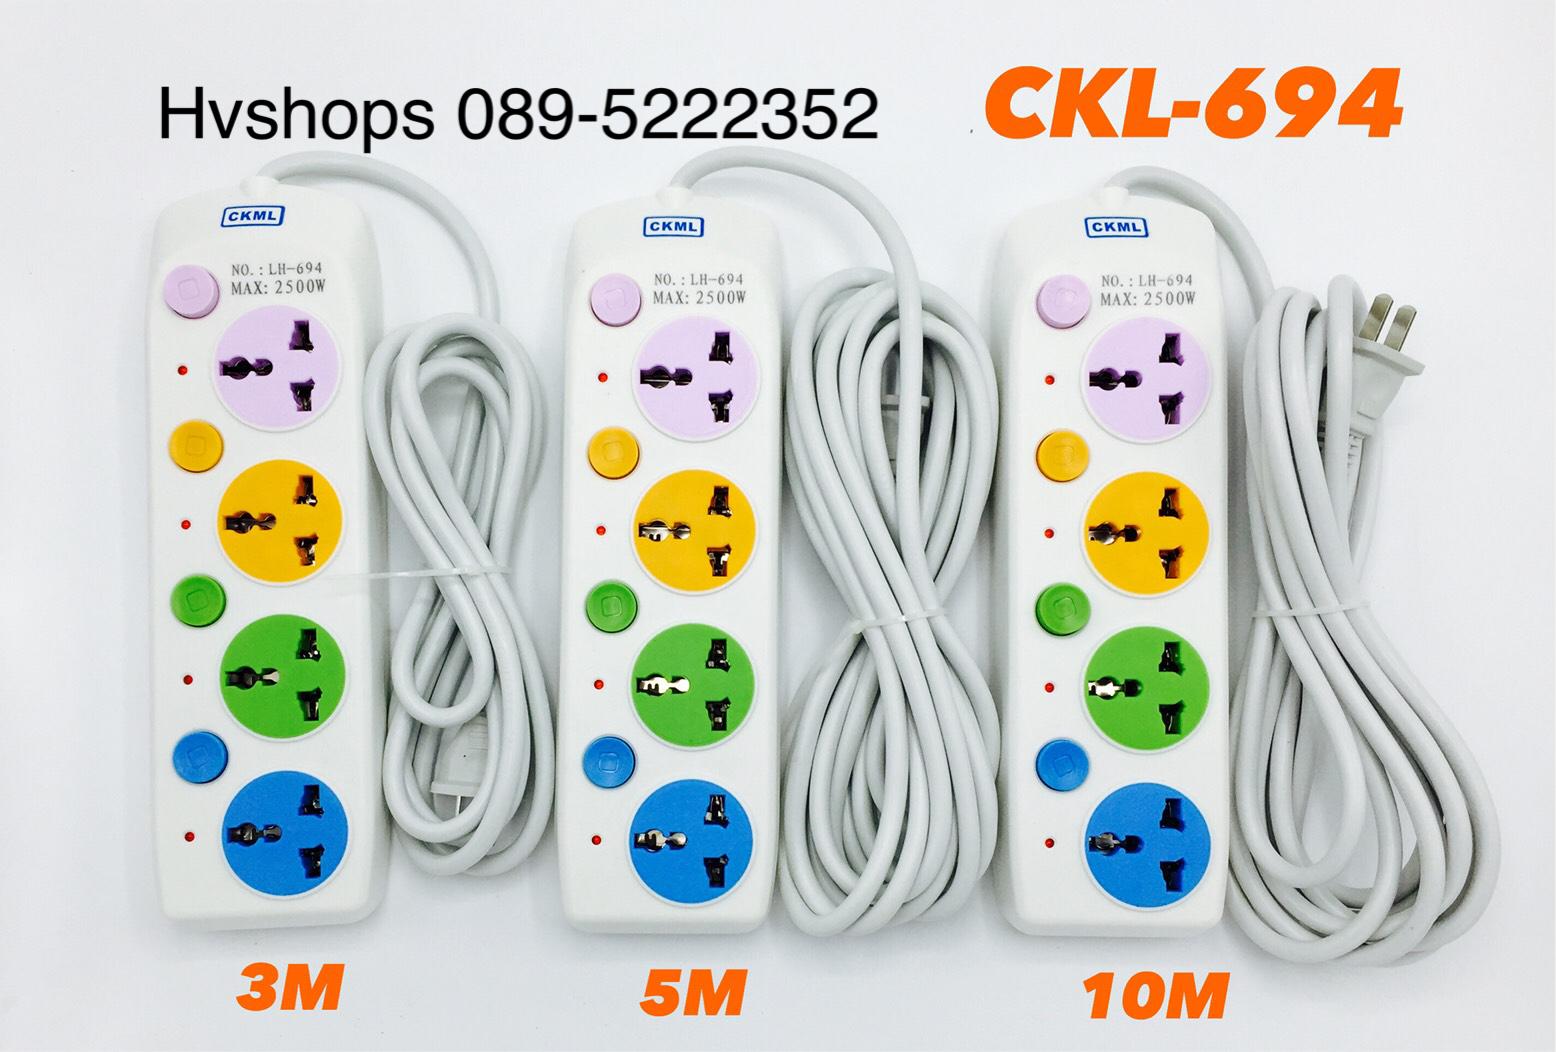 รางปลั๊กไฟ CKML รุ่น CKL-694 10 เมตร